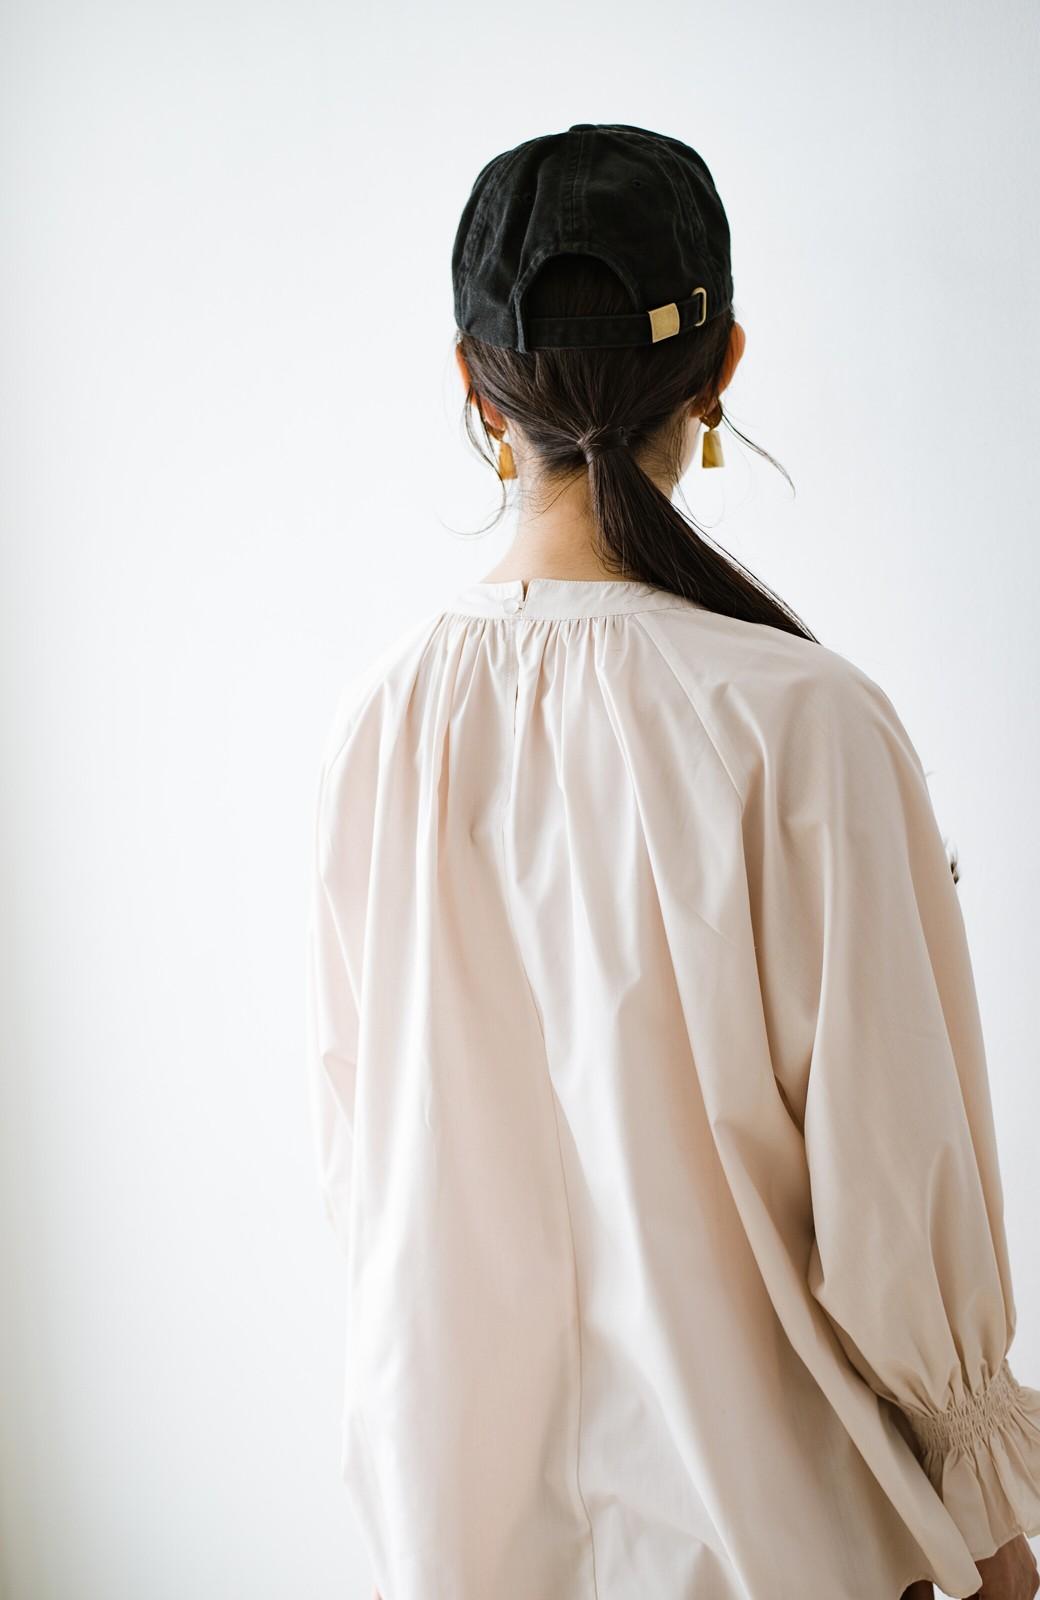 haco! パッと着るだけで新鮮&おしゃれ見え!ゆるめサイズが今っぽいチャイナボタンブラウス <ライトベージュ>の商品写真16